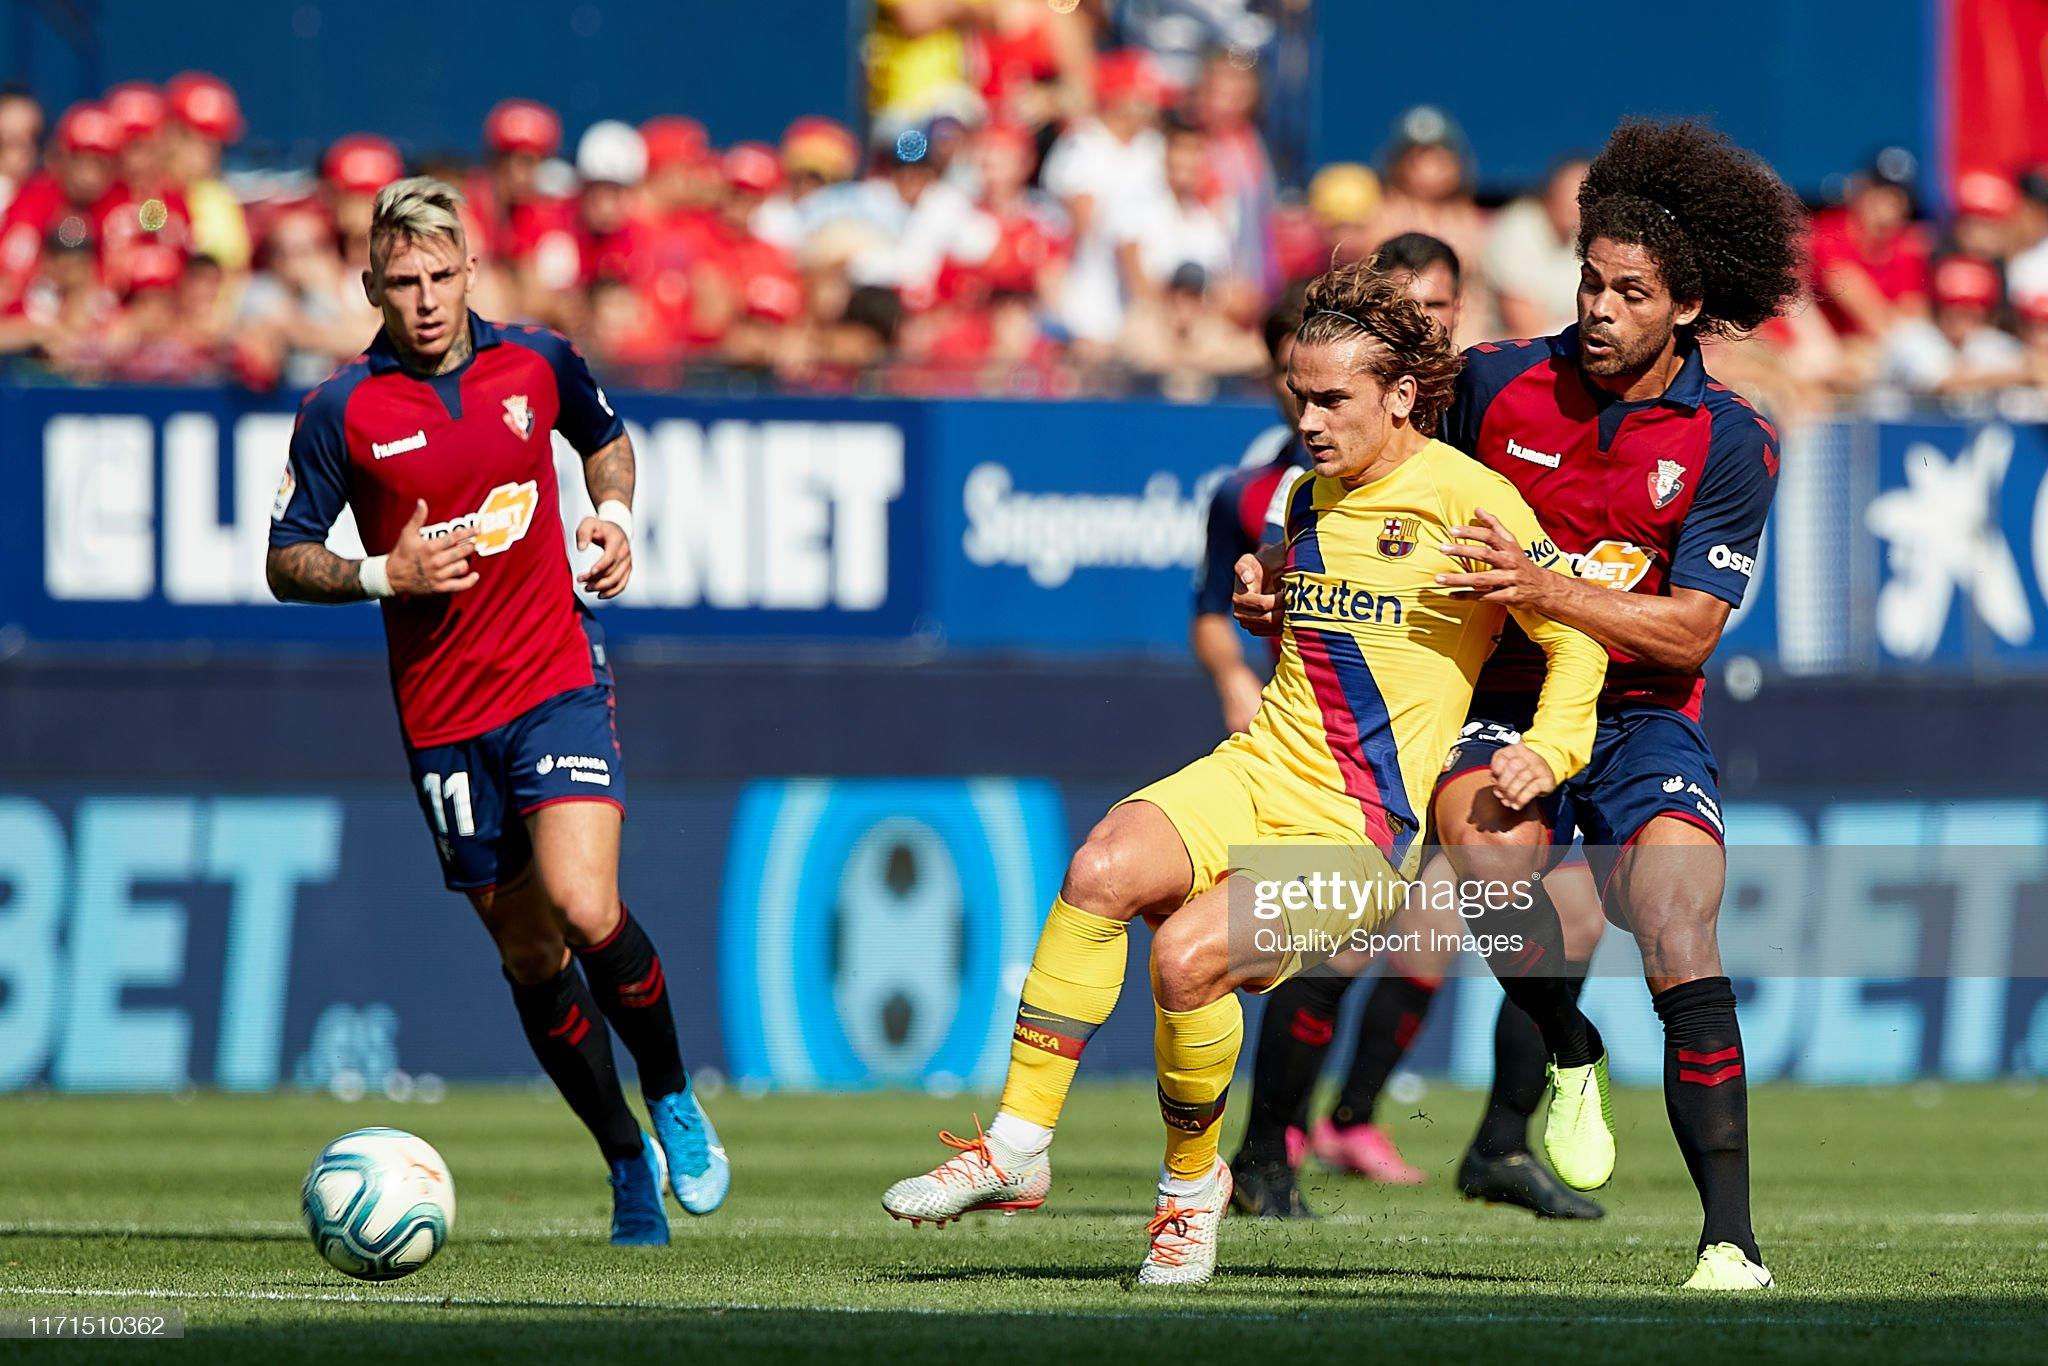 صور مباراة : أوساسونا - برشلونة 2-2 ( 31-08-2019 )  Aridane-hernandez-of-ca-osasuna-competes-for-the-ball-with-antoine-picture-id1171510362?s=2048x2048